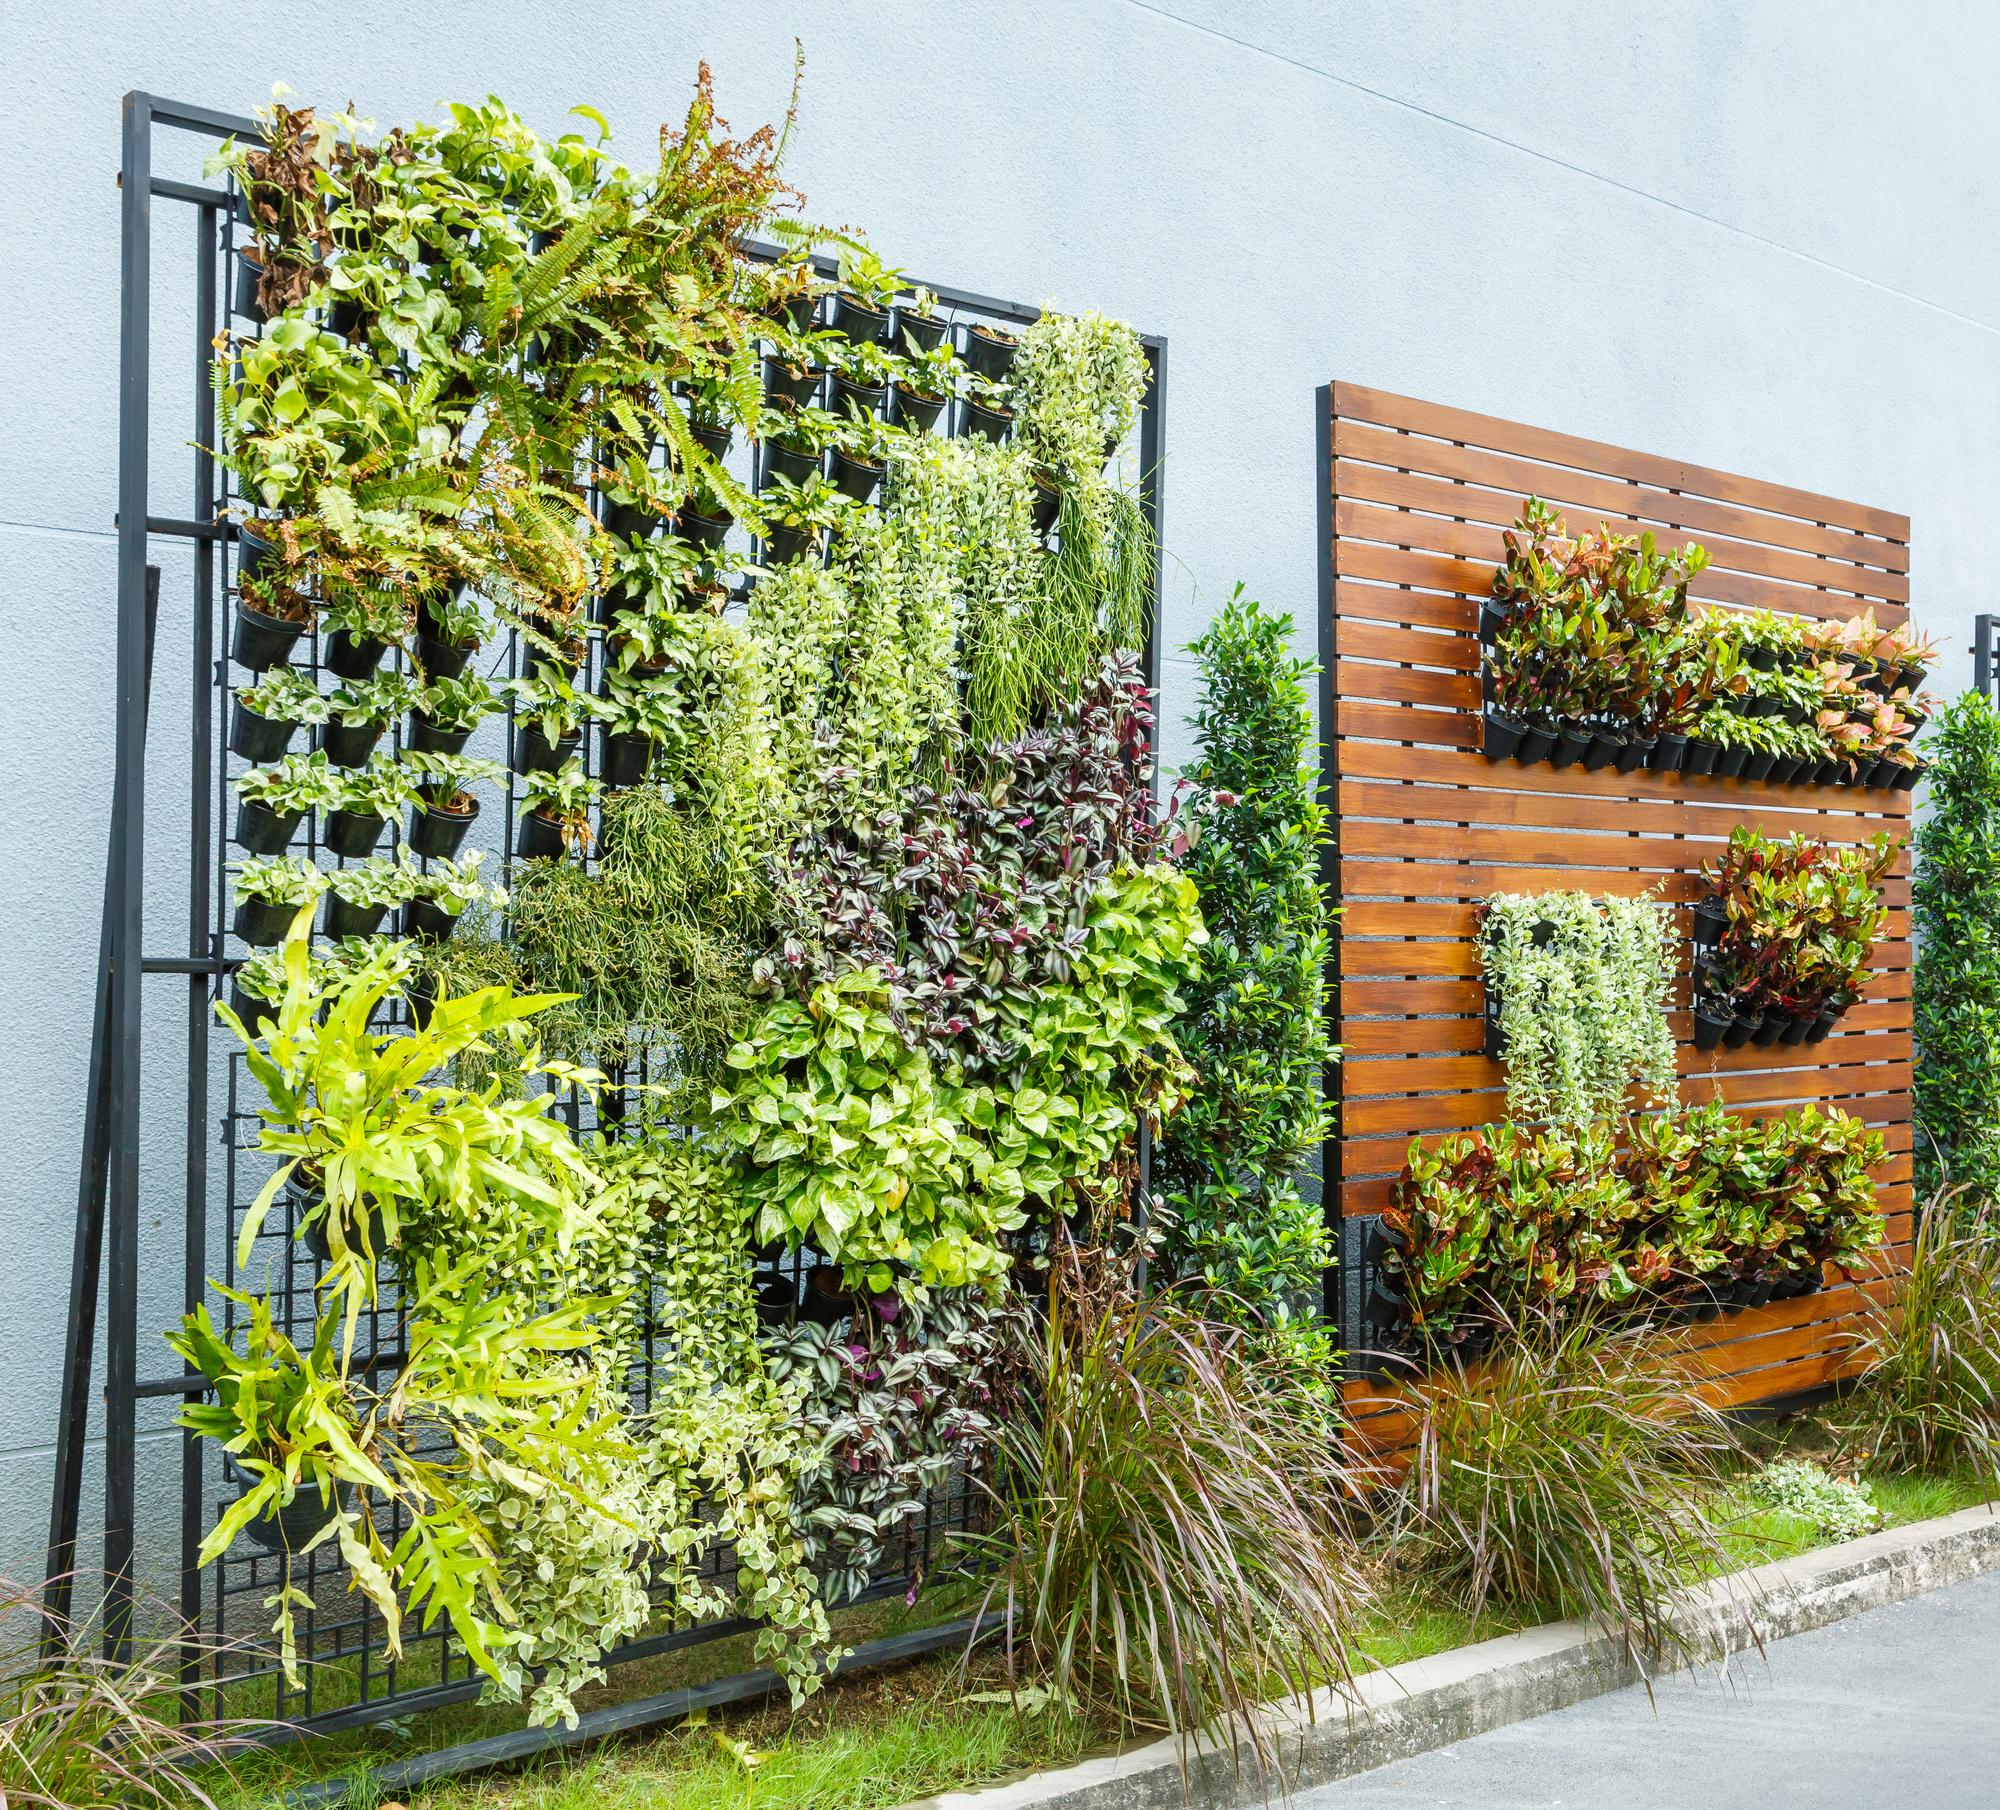 10 Simple Tips For Building A Diy Vertical Garden